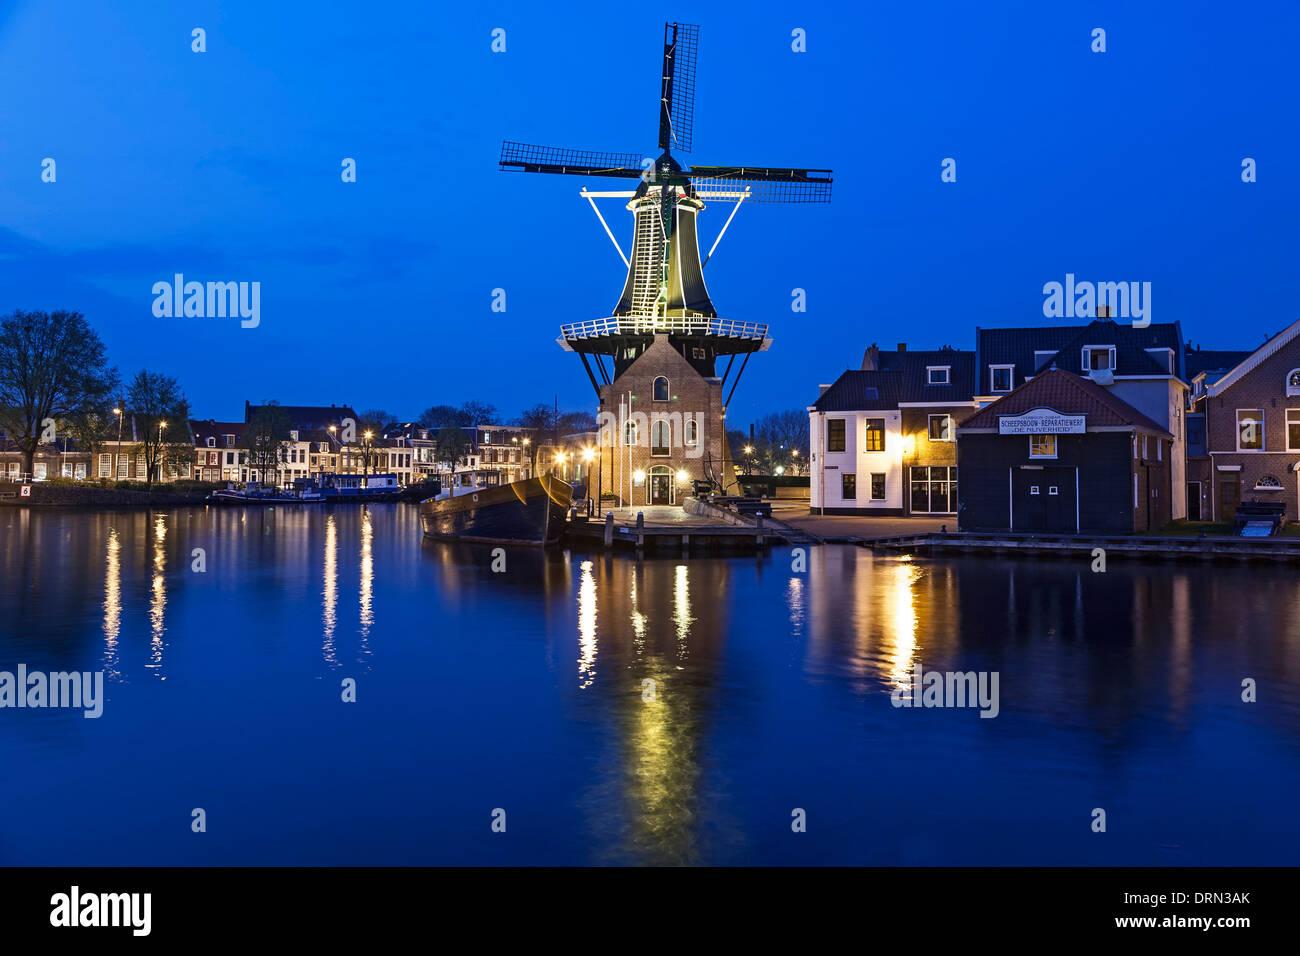 Mulino a vento e del fiume Spaarne al crepuscolo, Haarlem, Paesi Bassi Immagini Stock